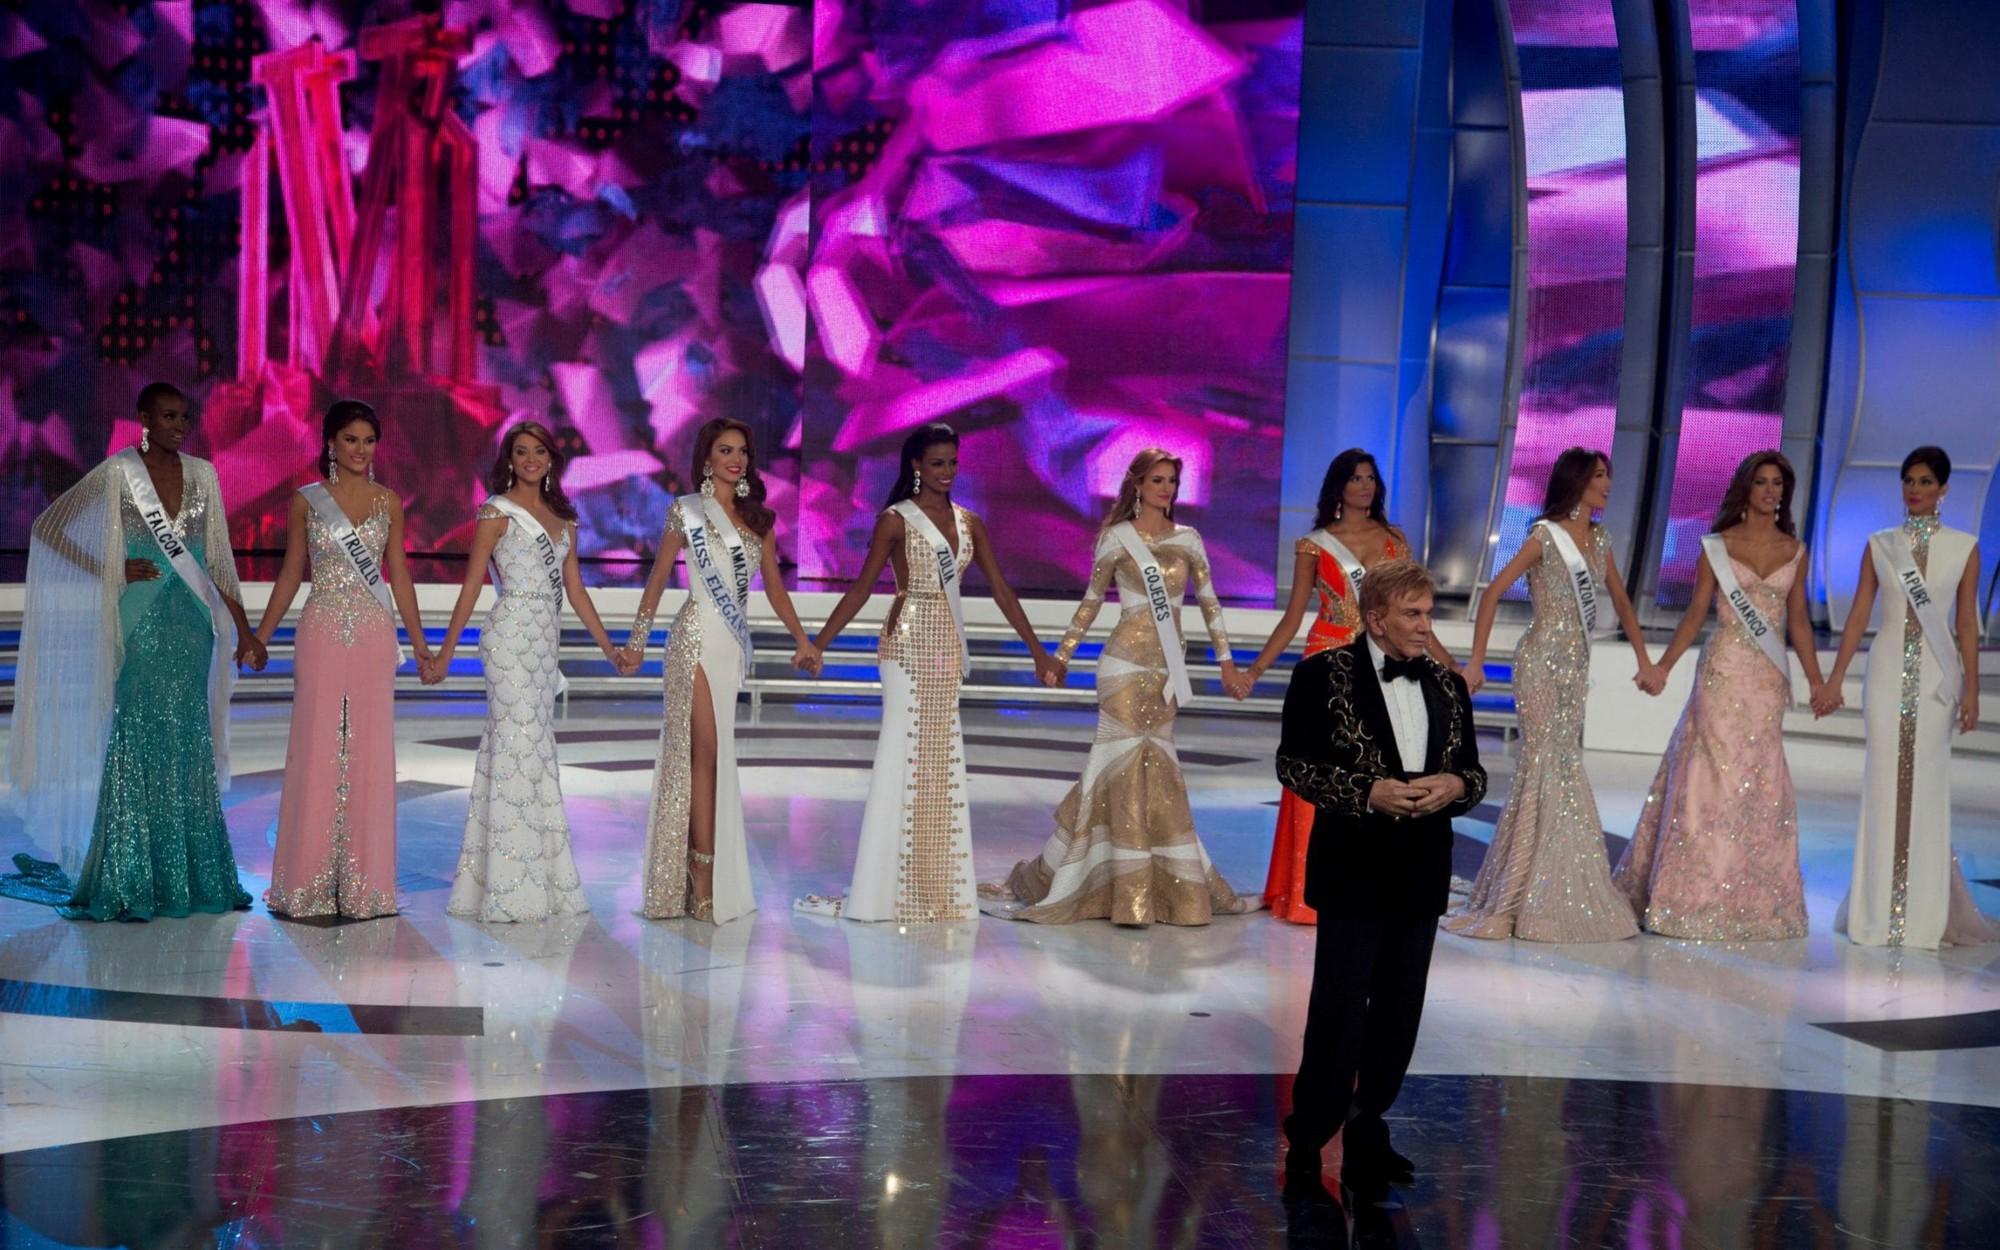 Cuộc thi Hoa hậu Venezuela bị đình chỉ vì scandal thí sinh đổi tình lấy tiền với đại gia - Ảnh 1.